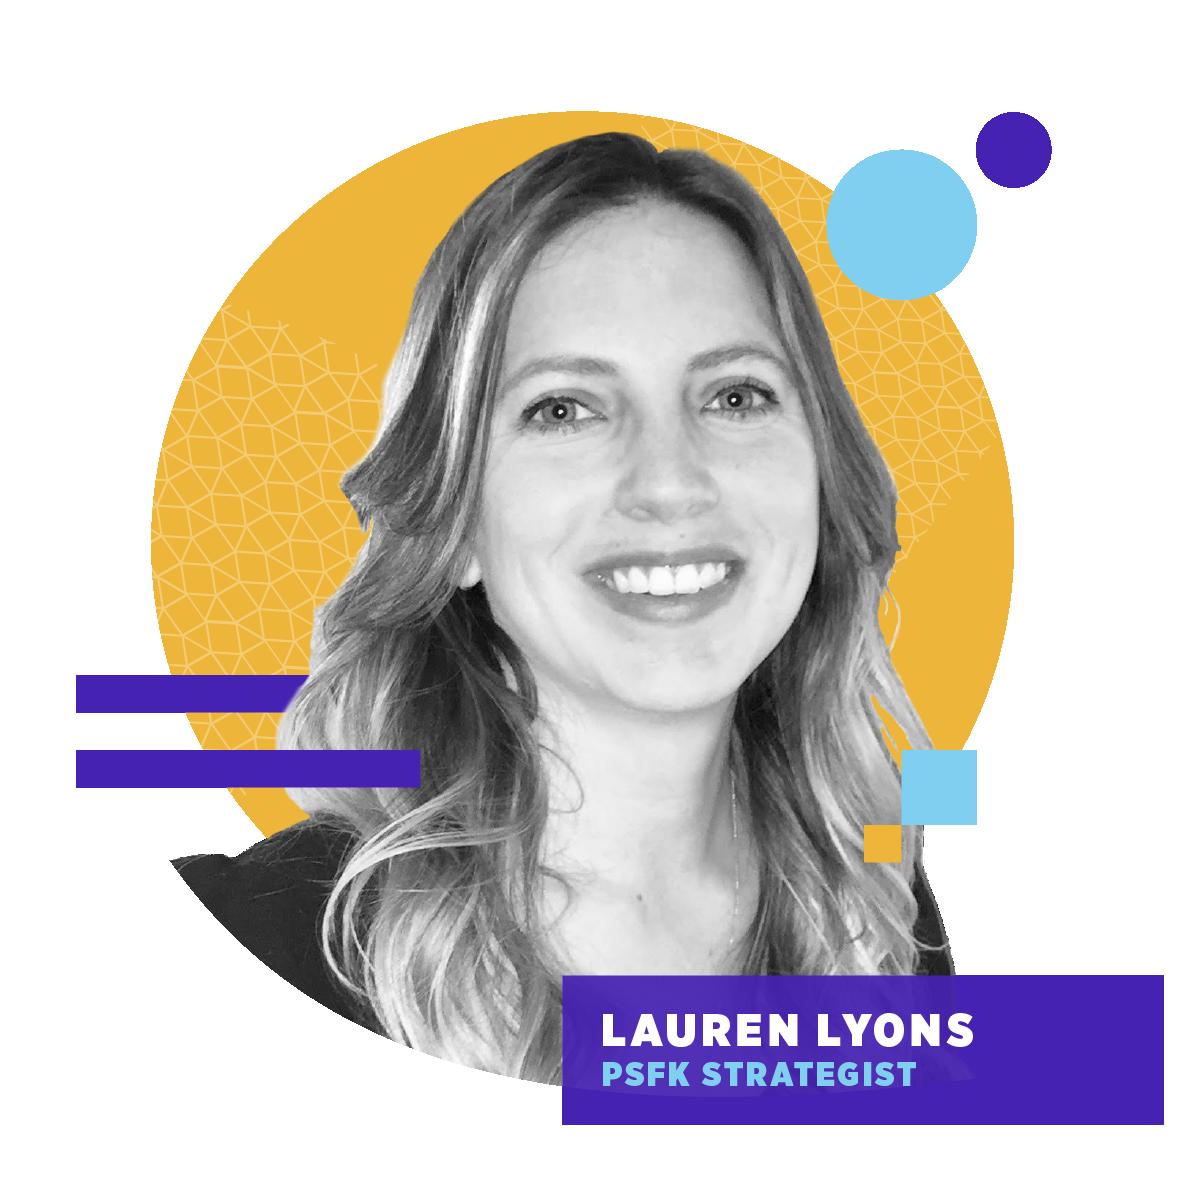 Lauren Lyons